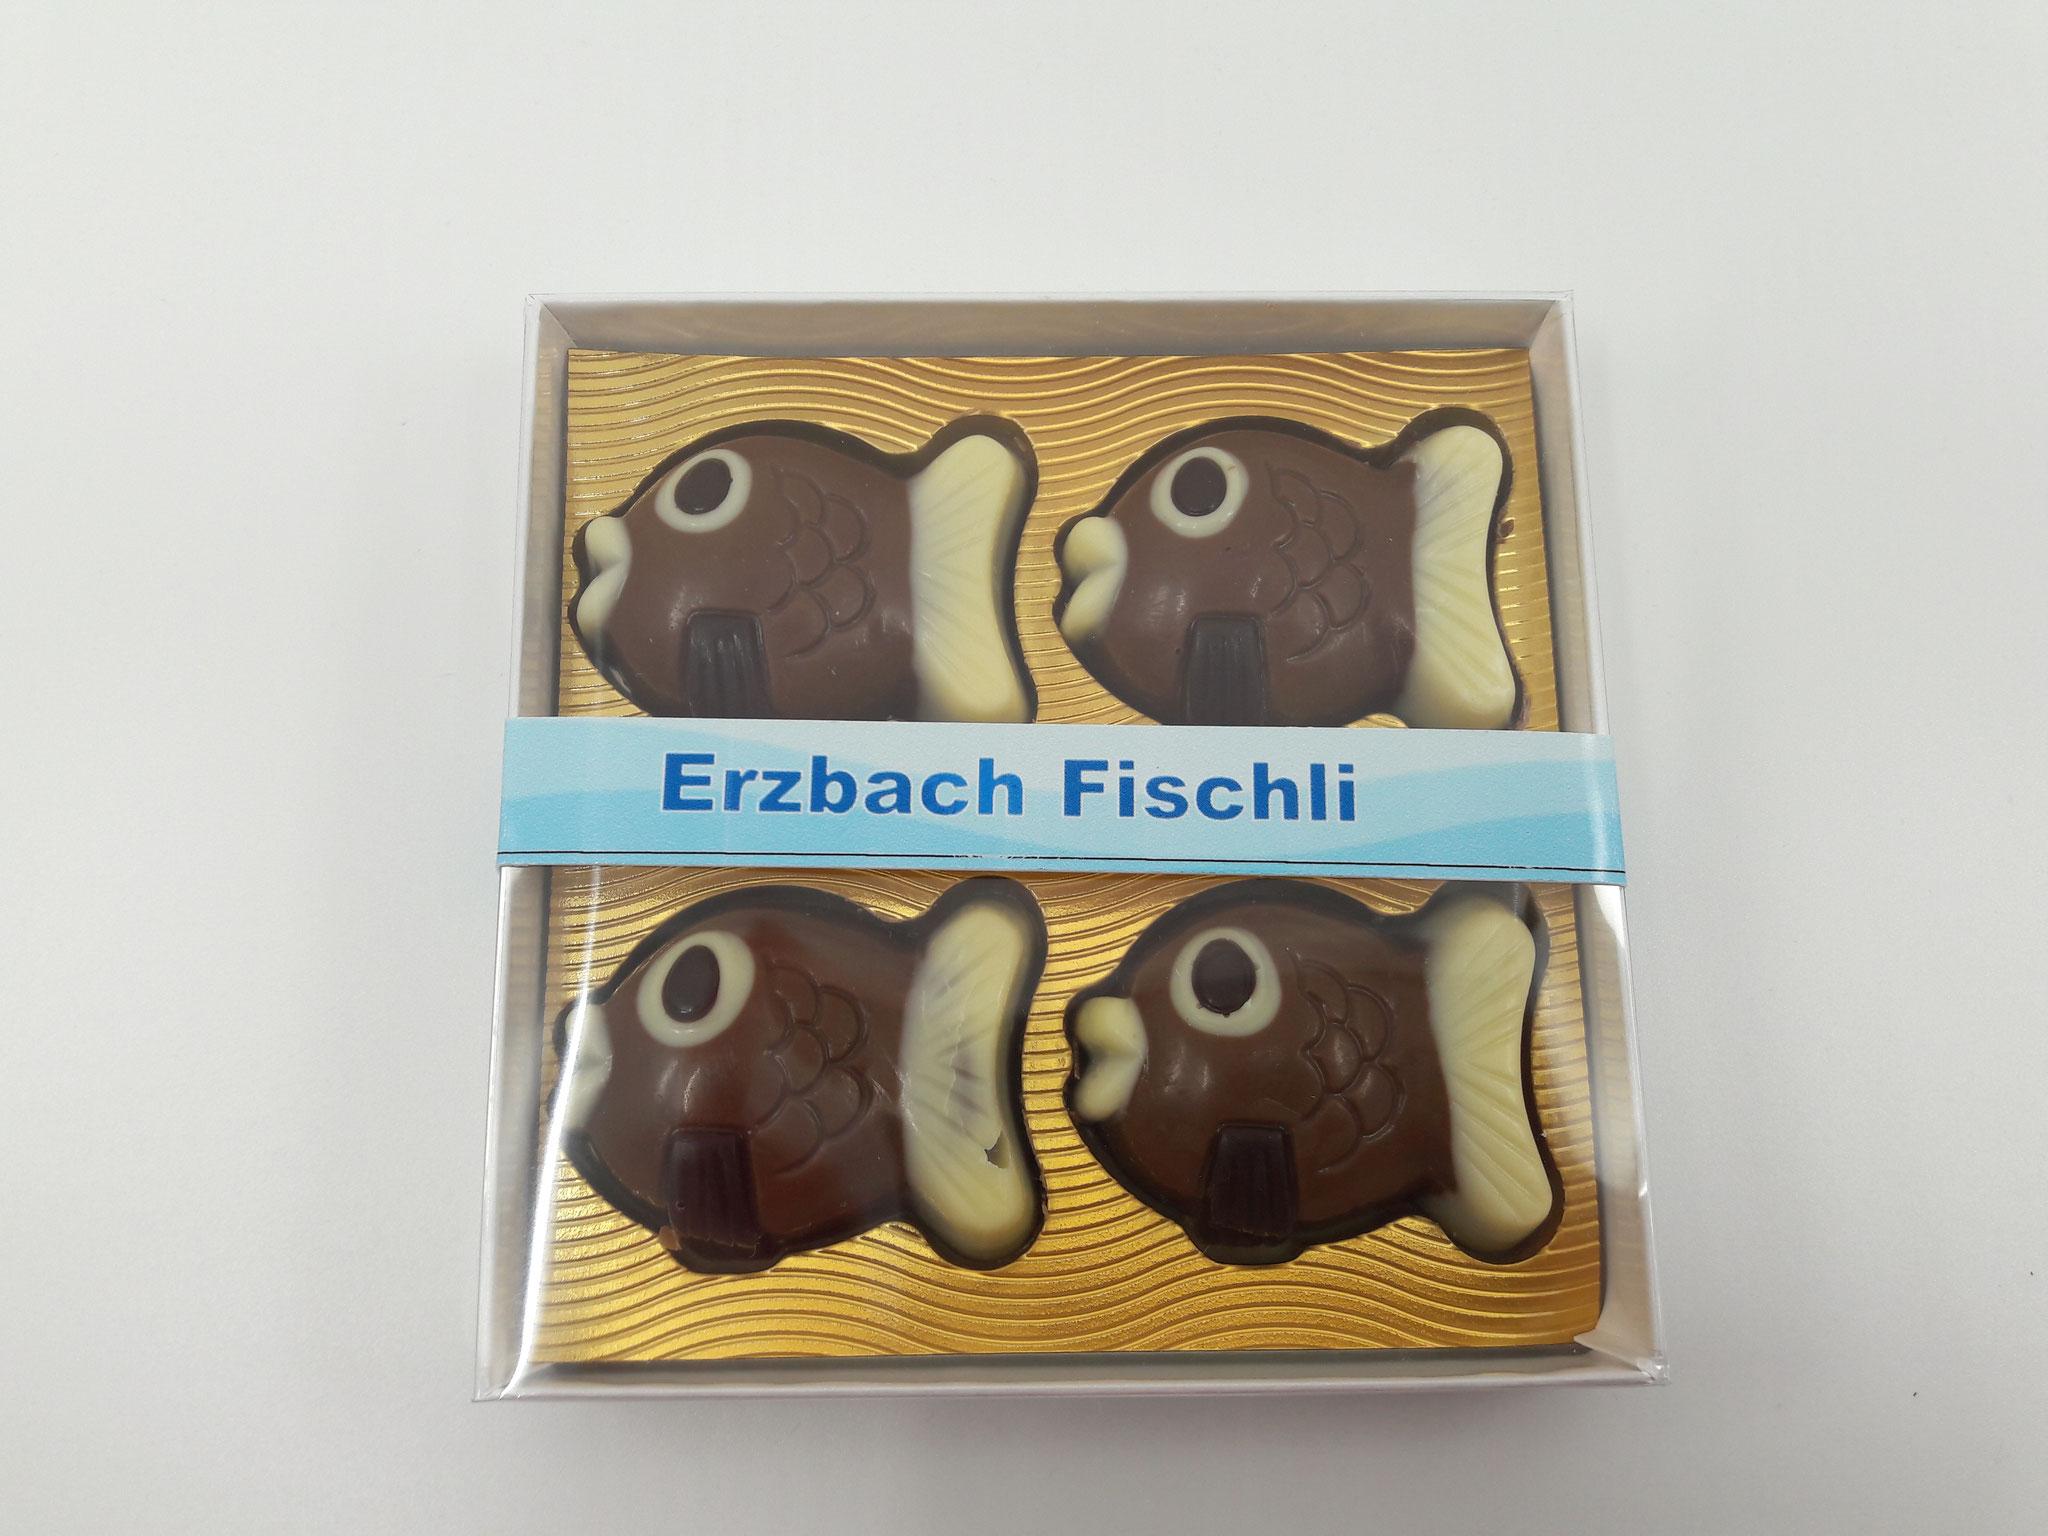 Erzbach Fischli